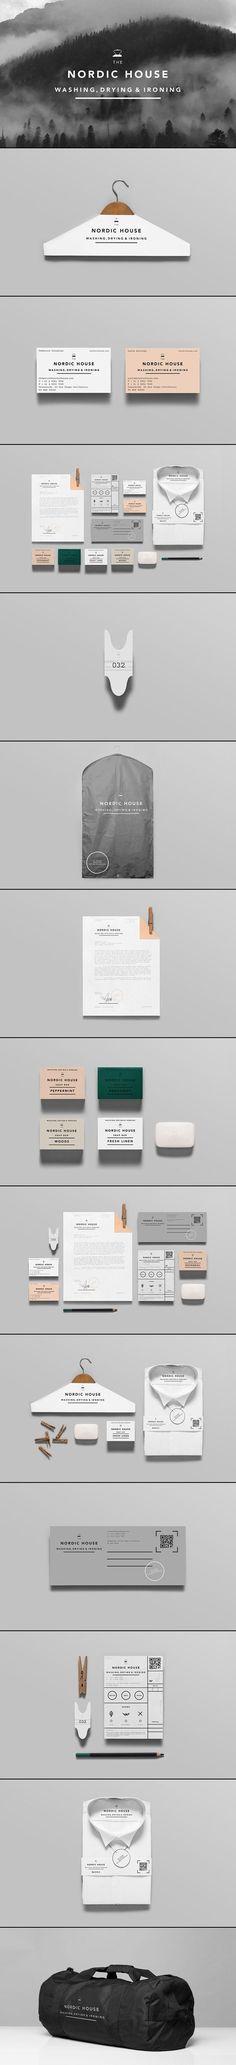 專業洗燙整 品牌形象設計 | MyDesy 淘靈感